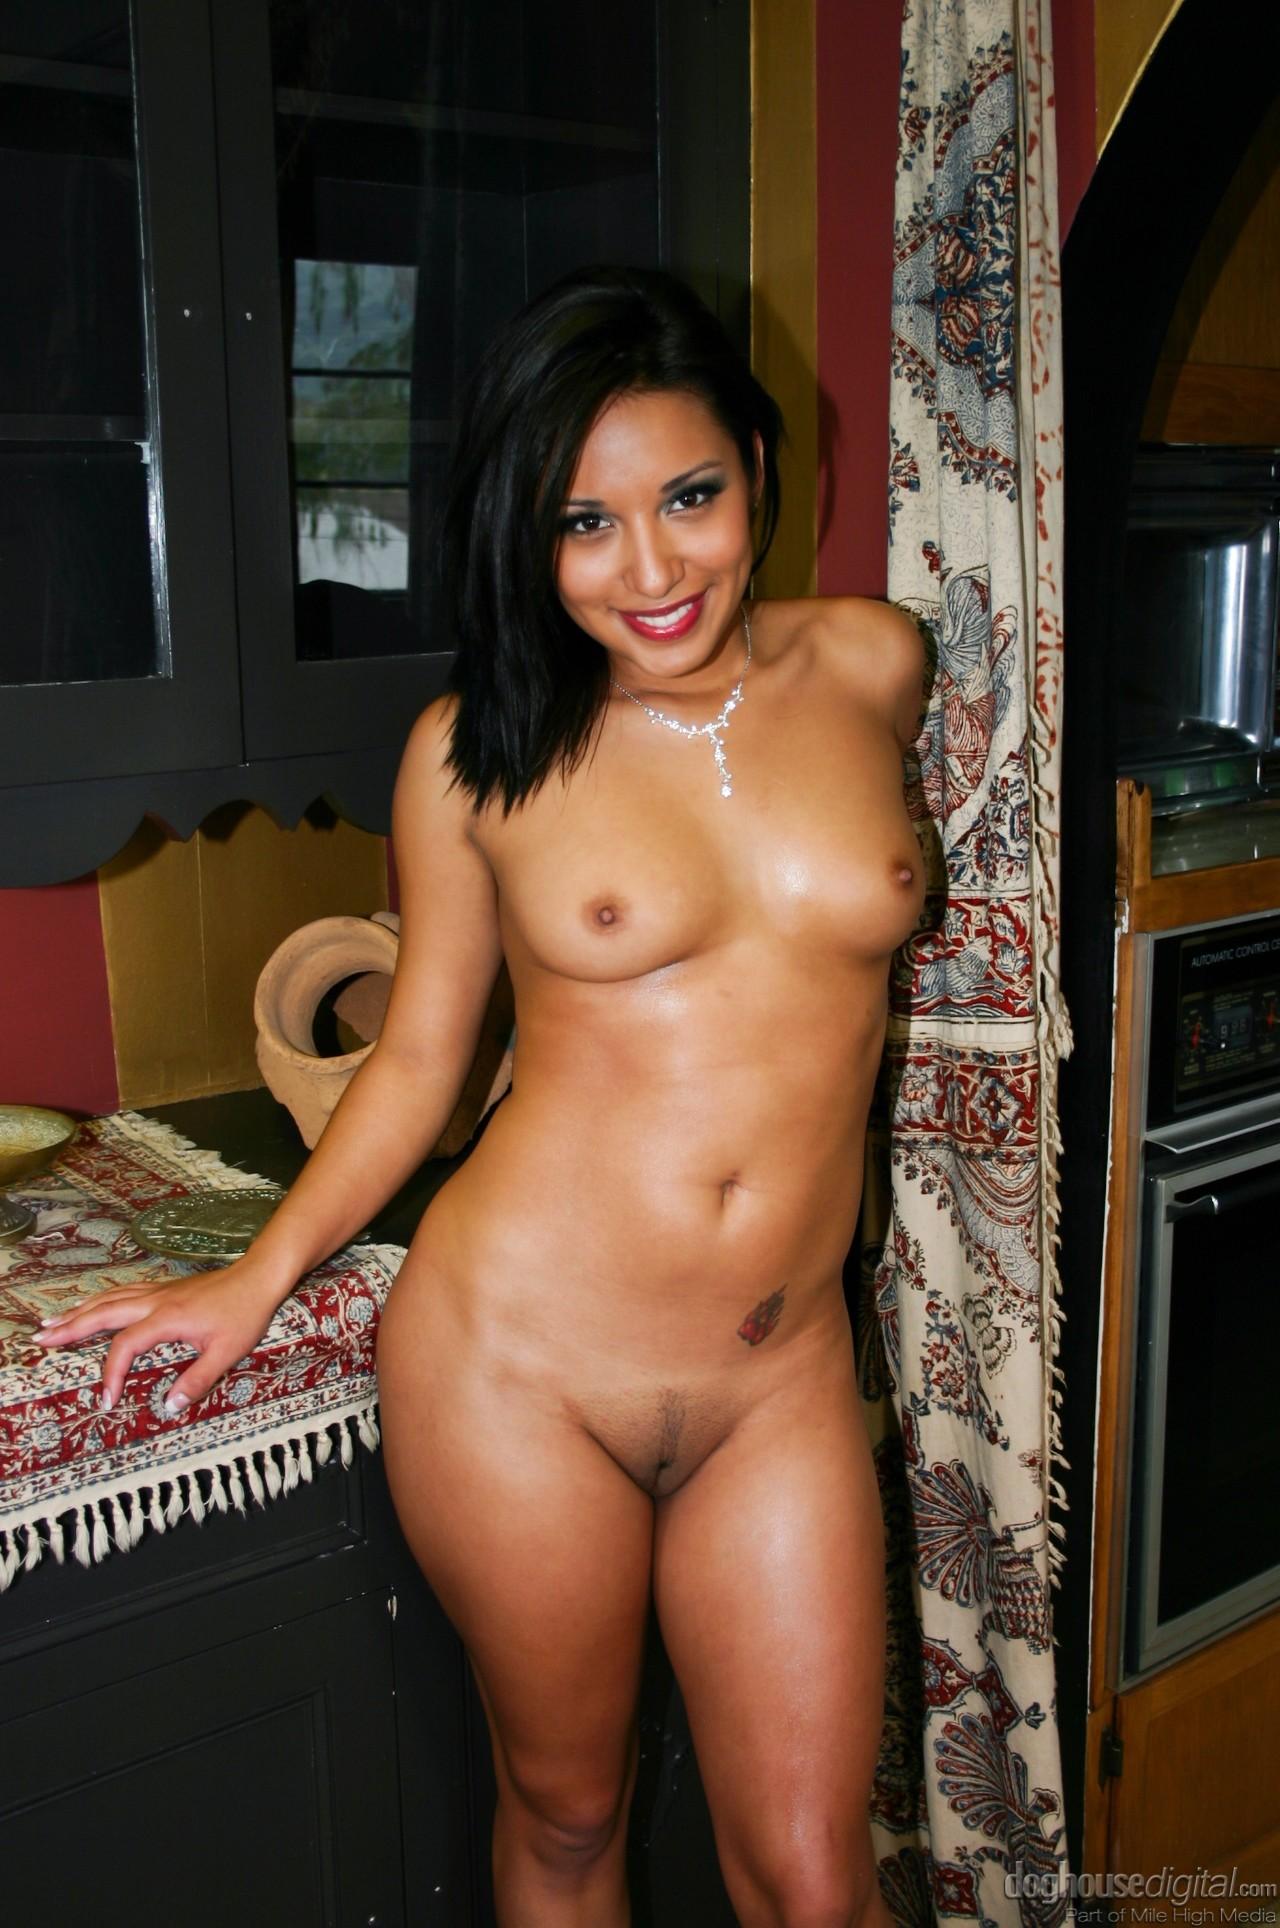 jasmine-byrne-nude-images-norvec-girl-fuck